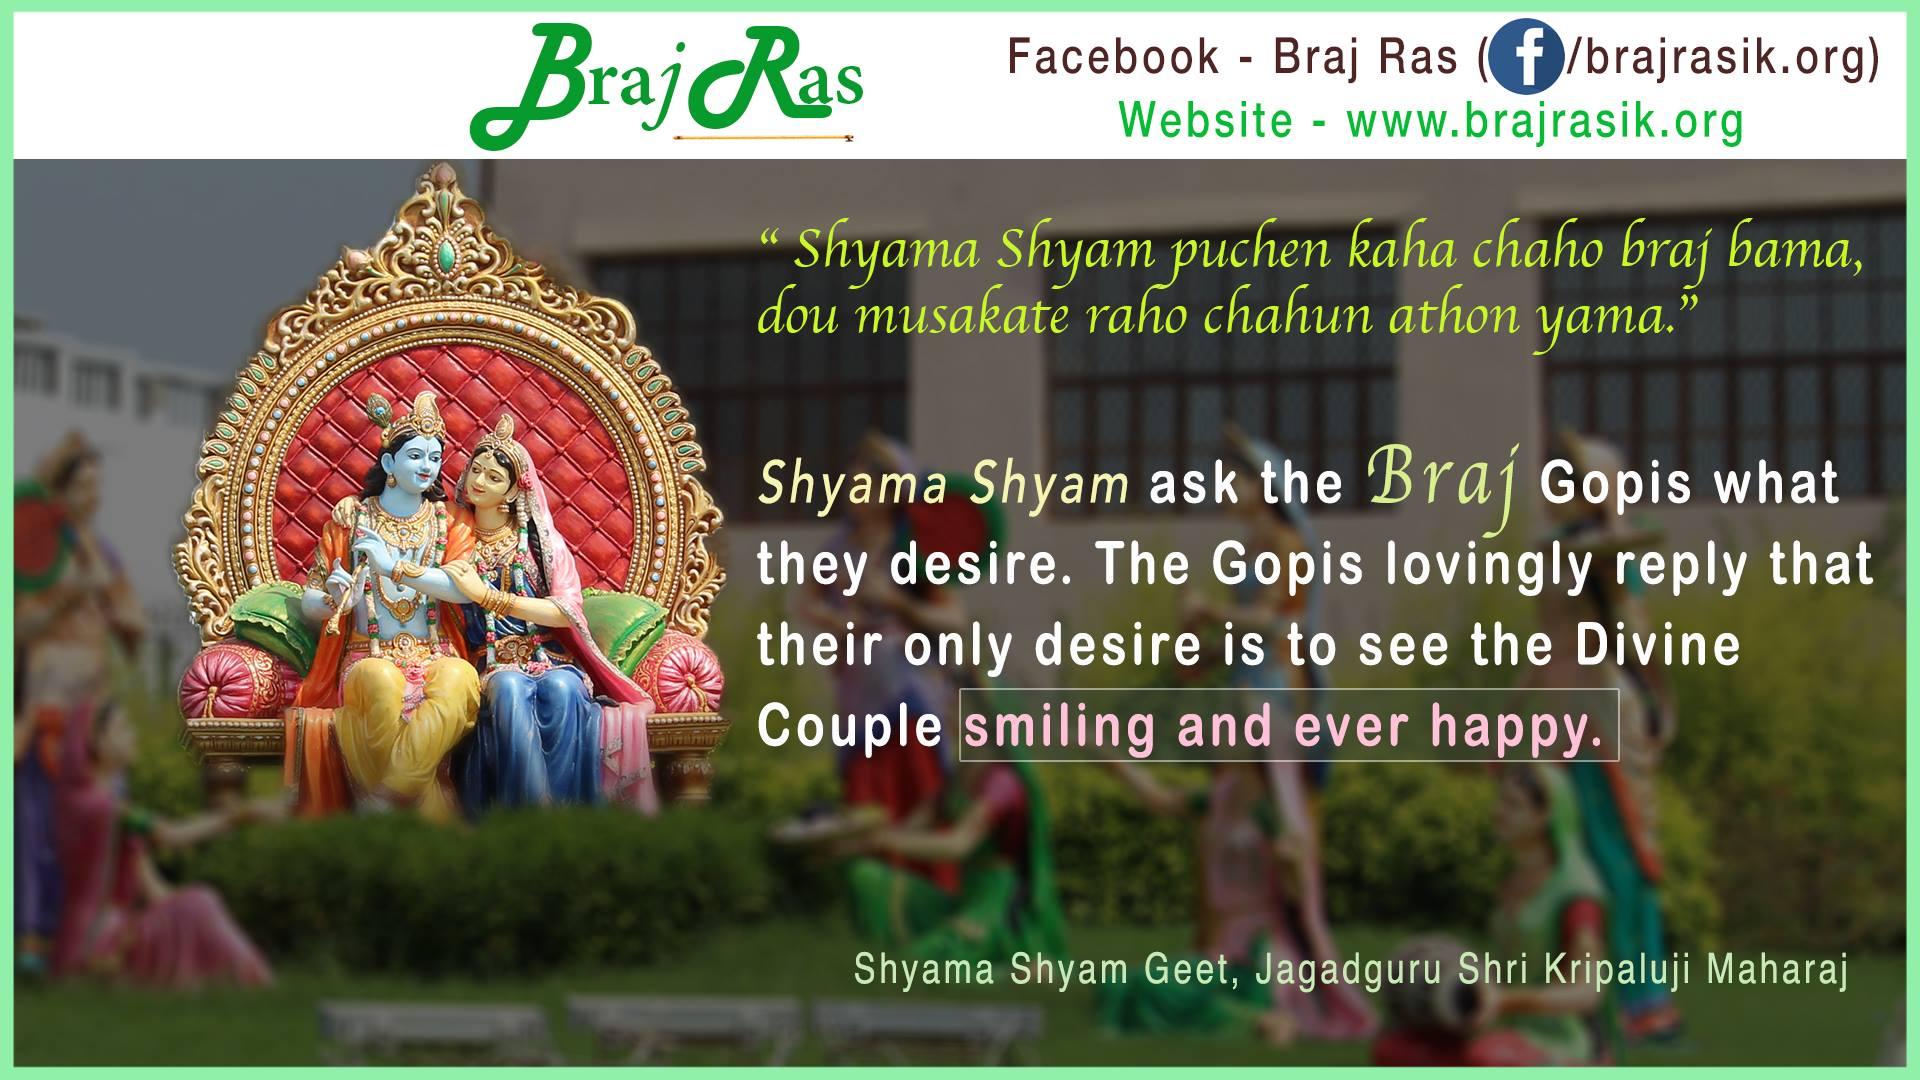 """""""Shyama Shyam puchen kaha chaho braj bama, dou musakate raho chahun athon yama"""" - Jagadguru Shri Kripaluji Maharaj"""